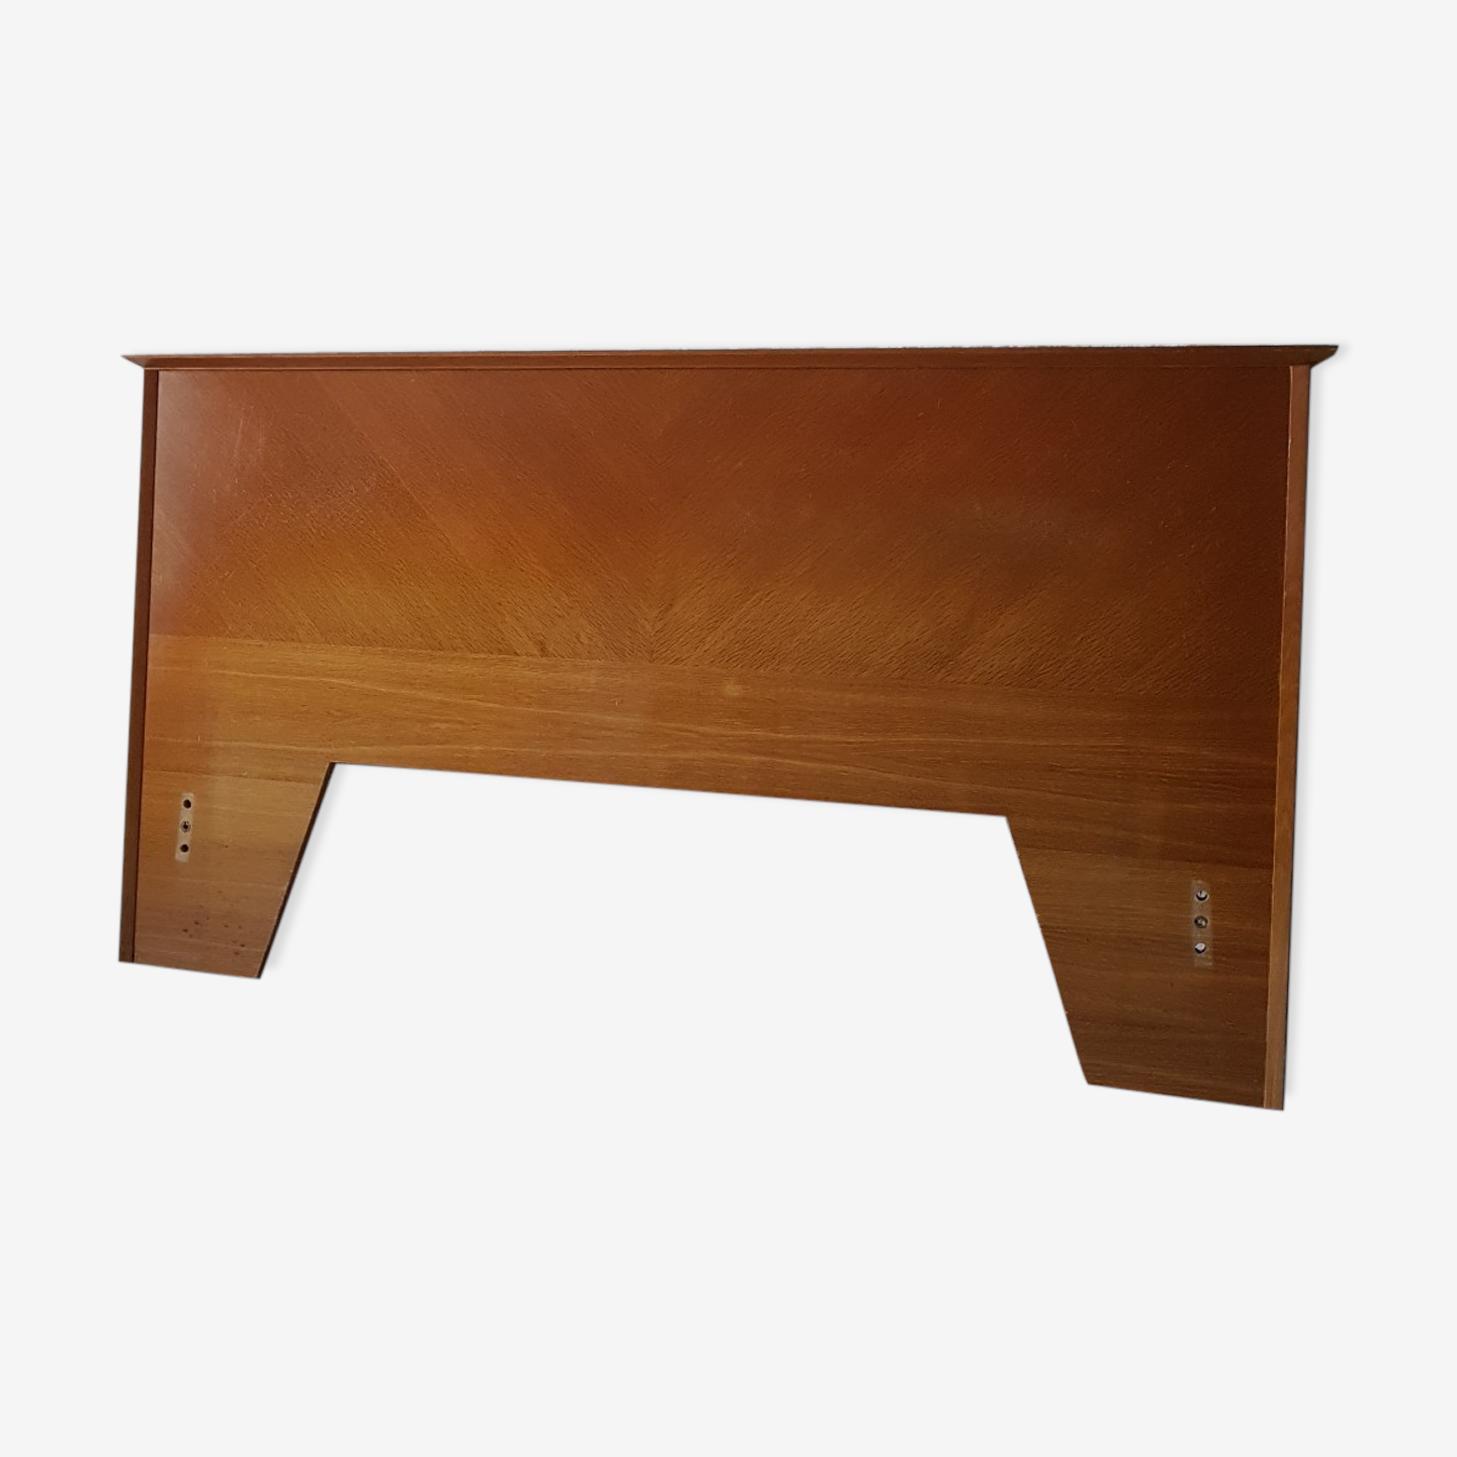 Tete de lit en chêne doré bois années 50 vintage